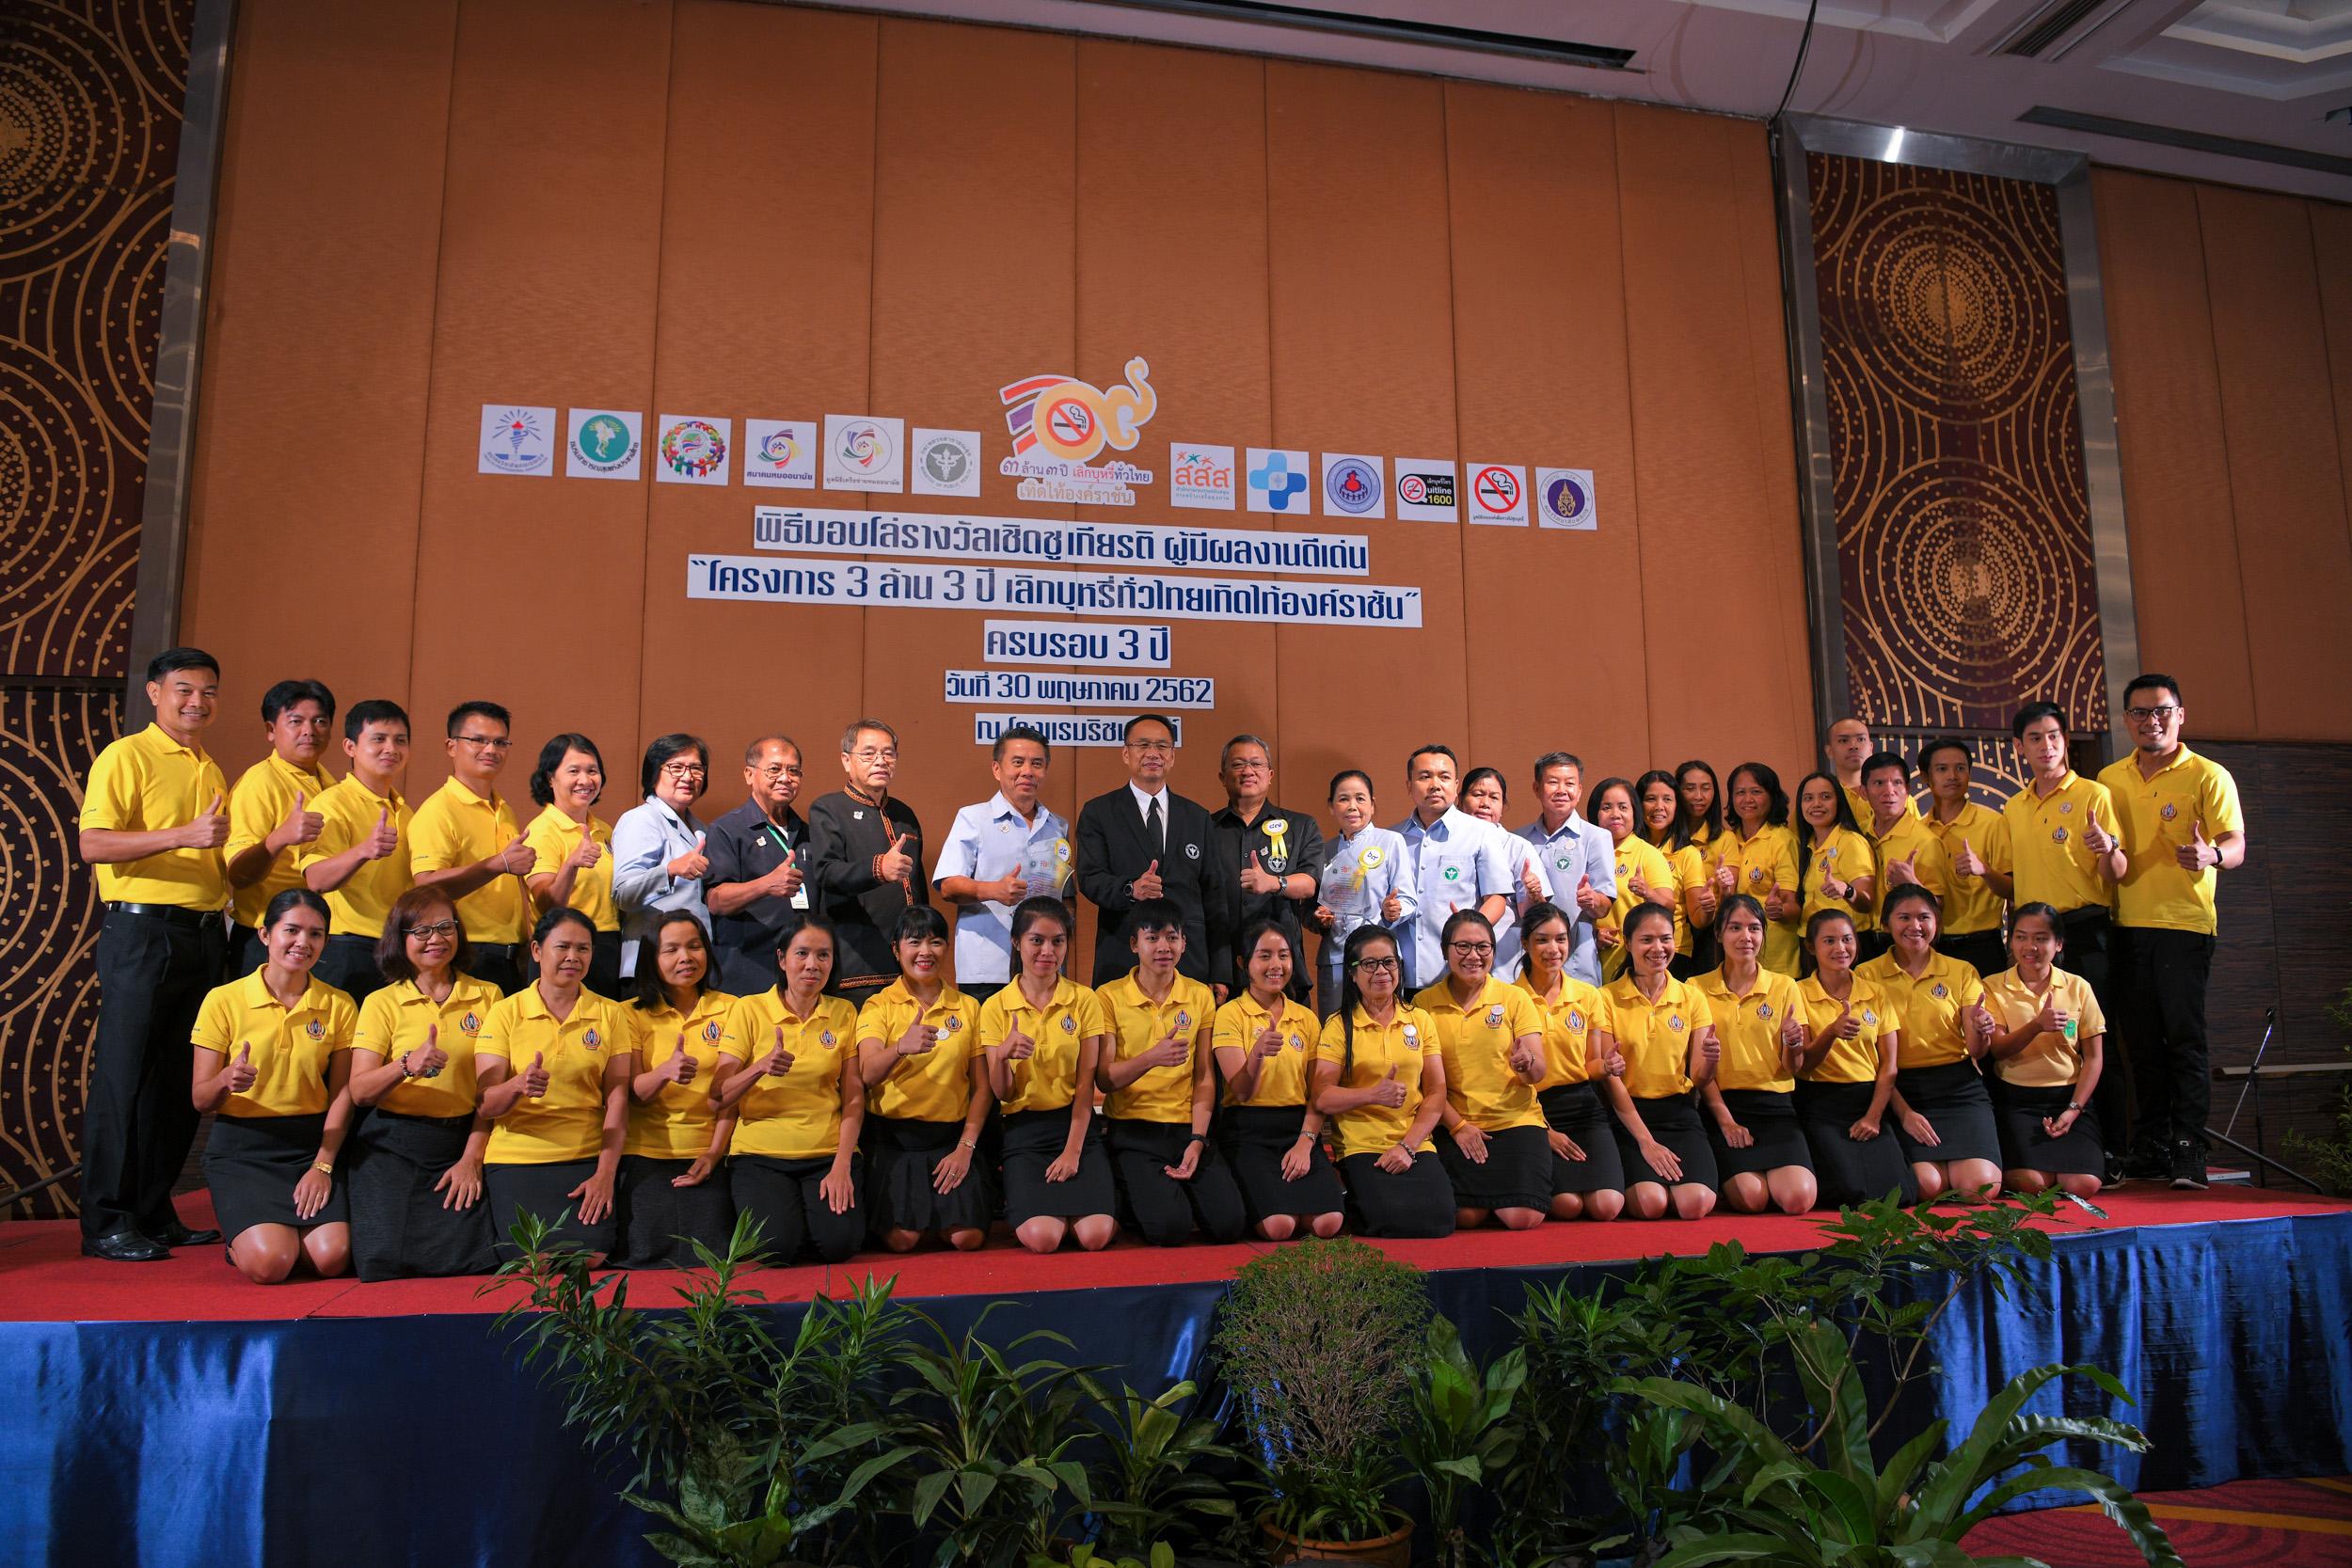 ปิดโครงการ 3 ล้าน 3 ปี เลิกบุหรี่ทั่วไทย thaihealth